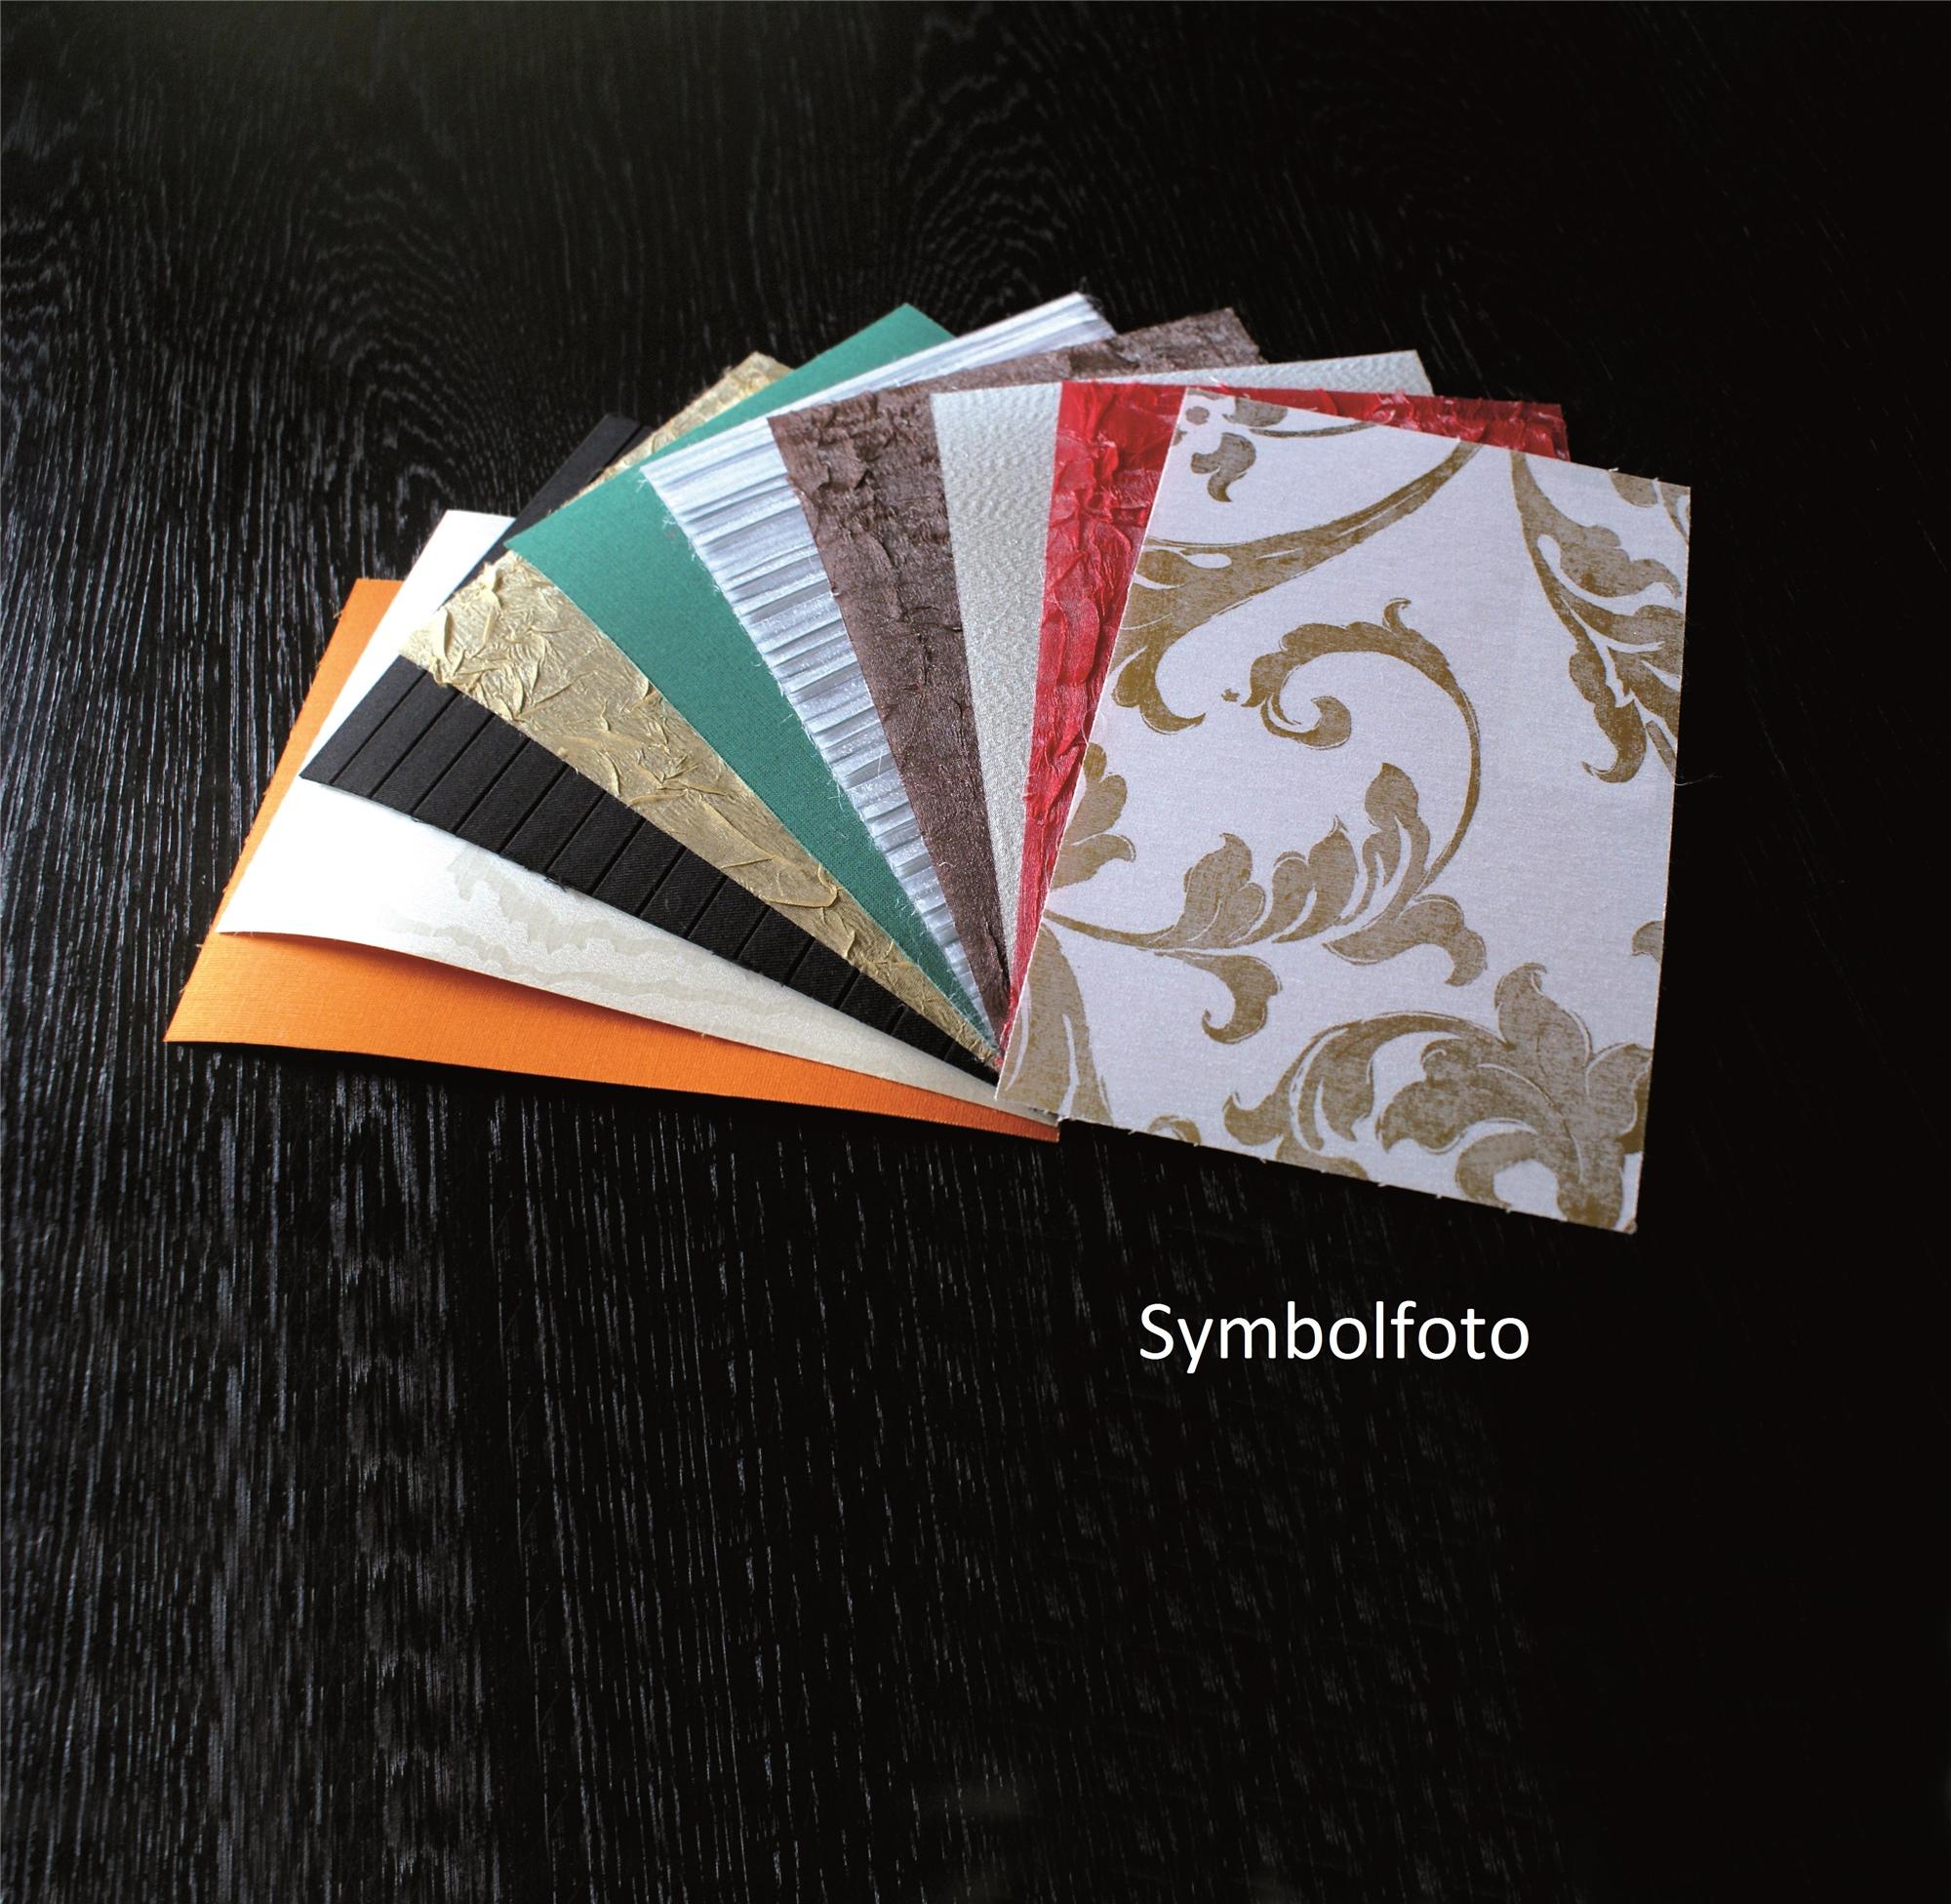 Stoffmuster 20kg Chintz Plissee Silber Gold Folie Lamitex Knitter verschiedene Farben